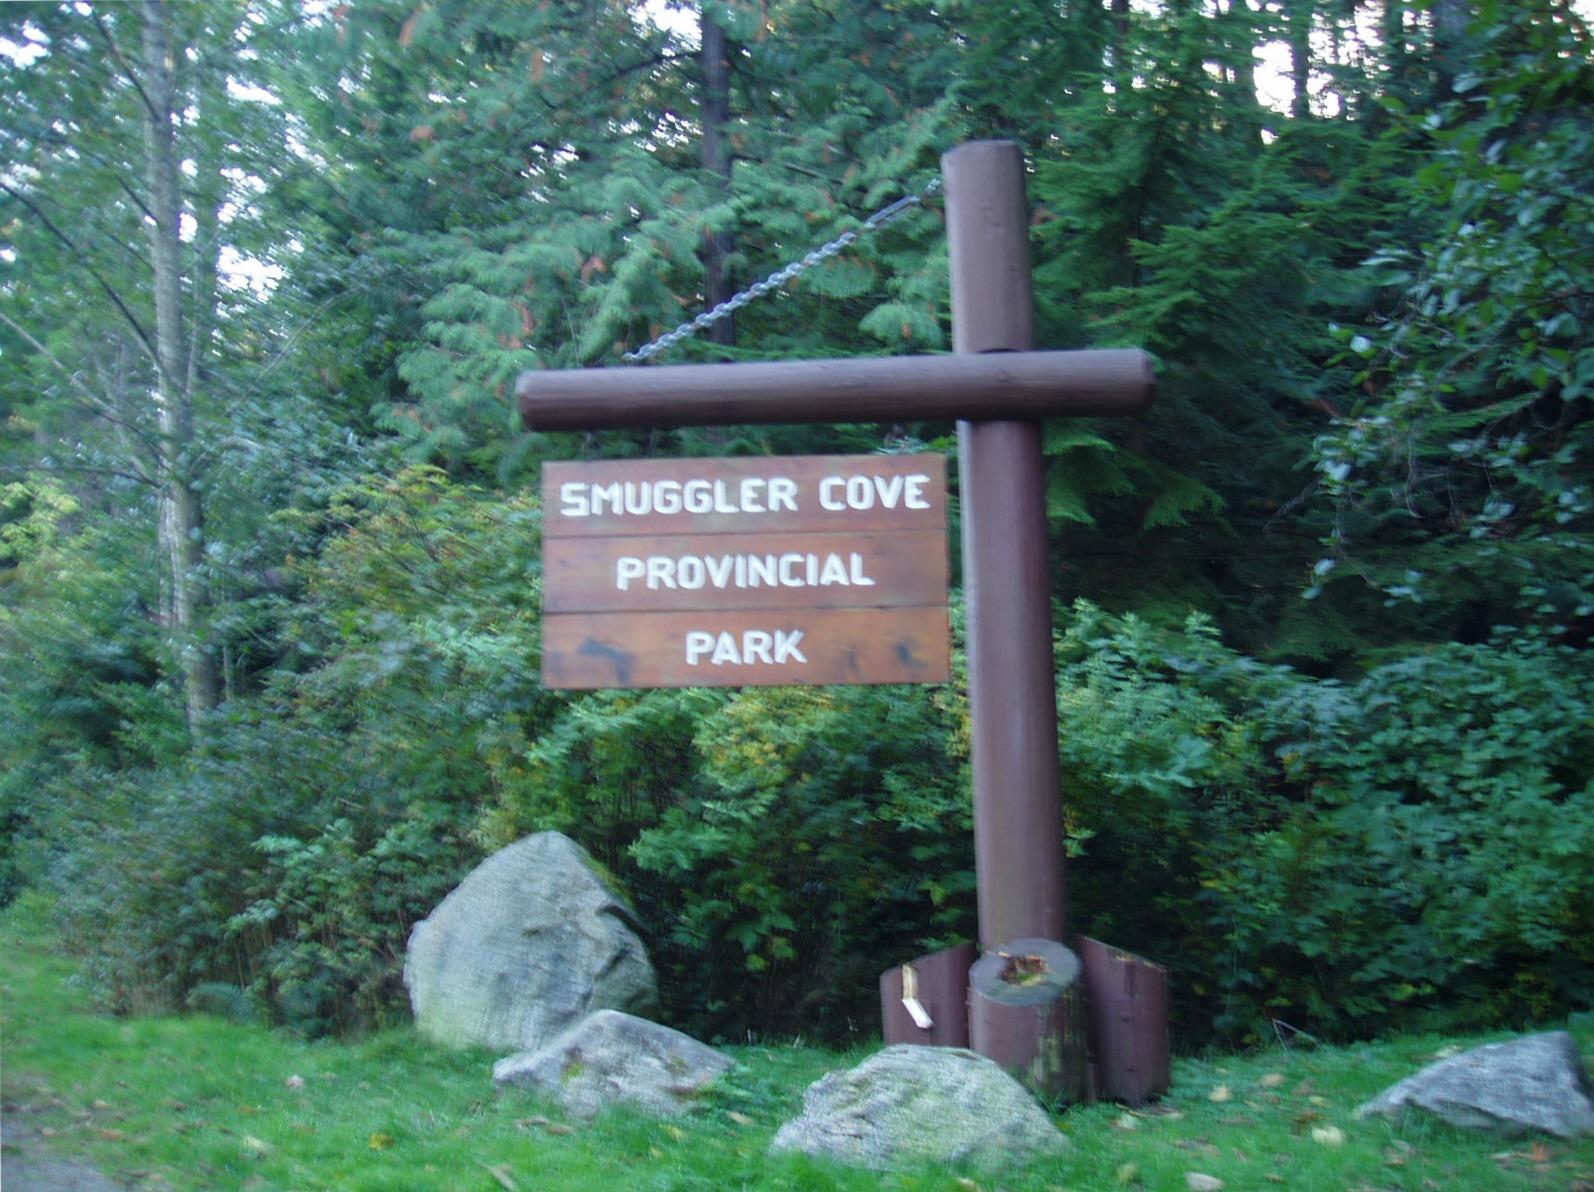 Smuggler Cove Provincial Park Smuggler Cove Provincial Park